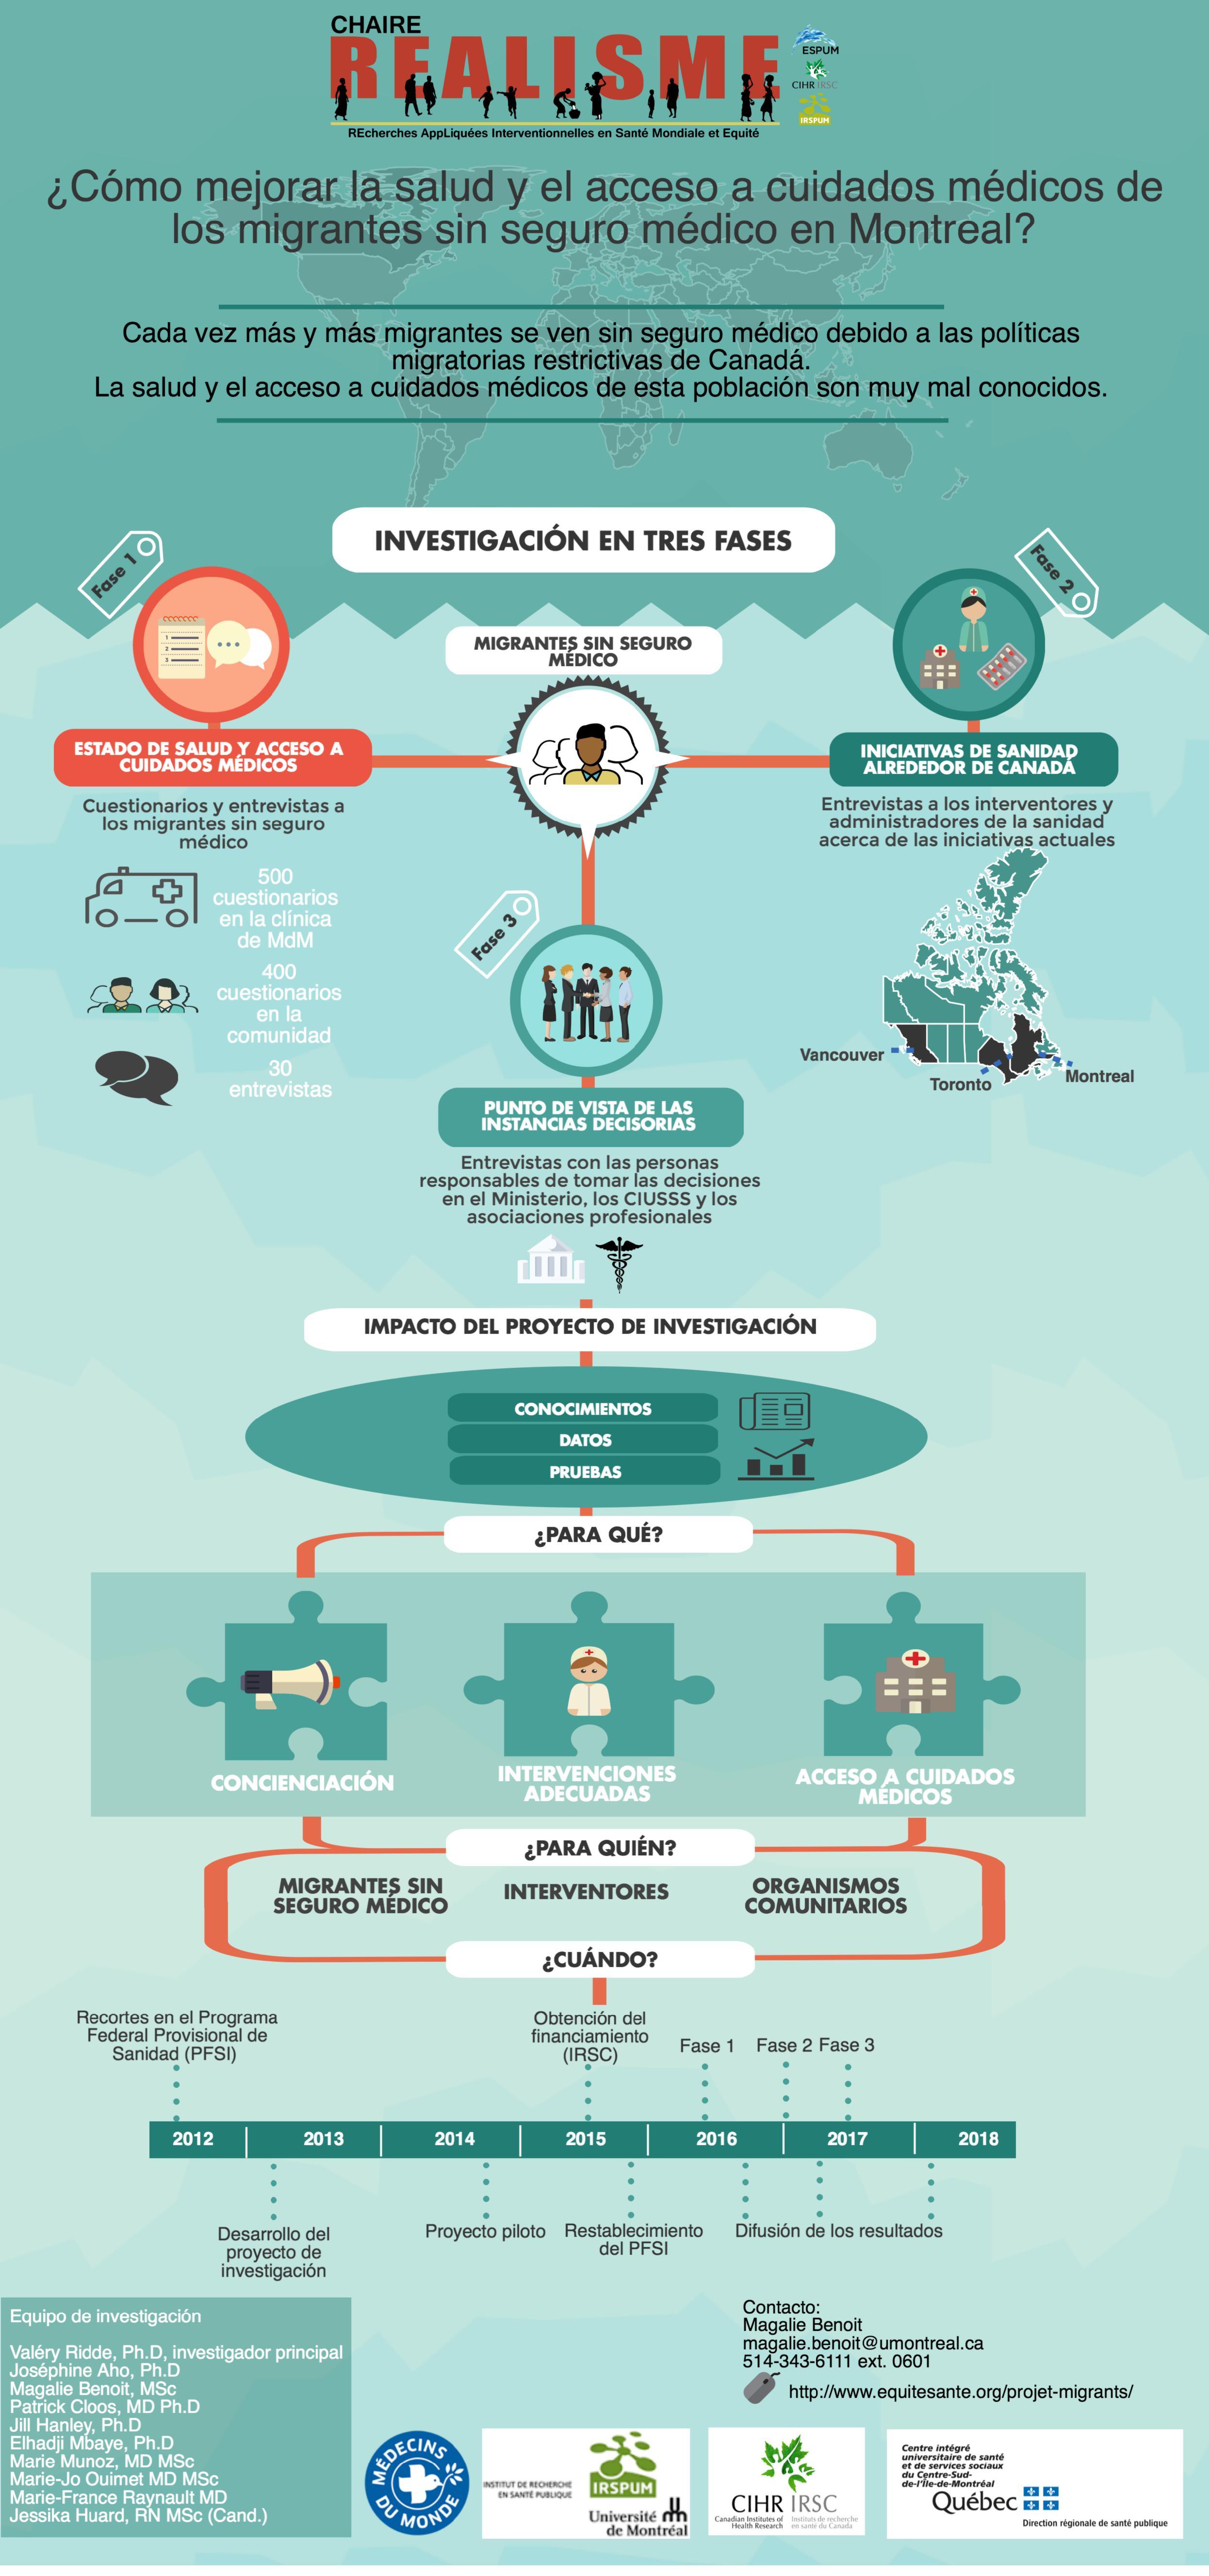 mejorar la salud y el acceso a cuidados medicos de los migrantes sin seguro medico en Montreal